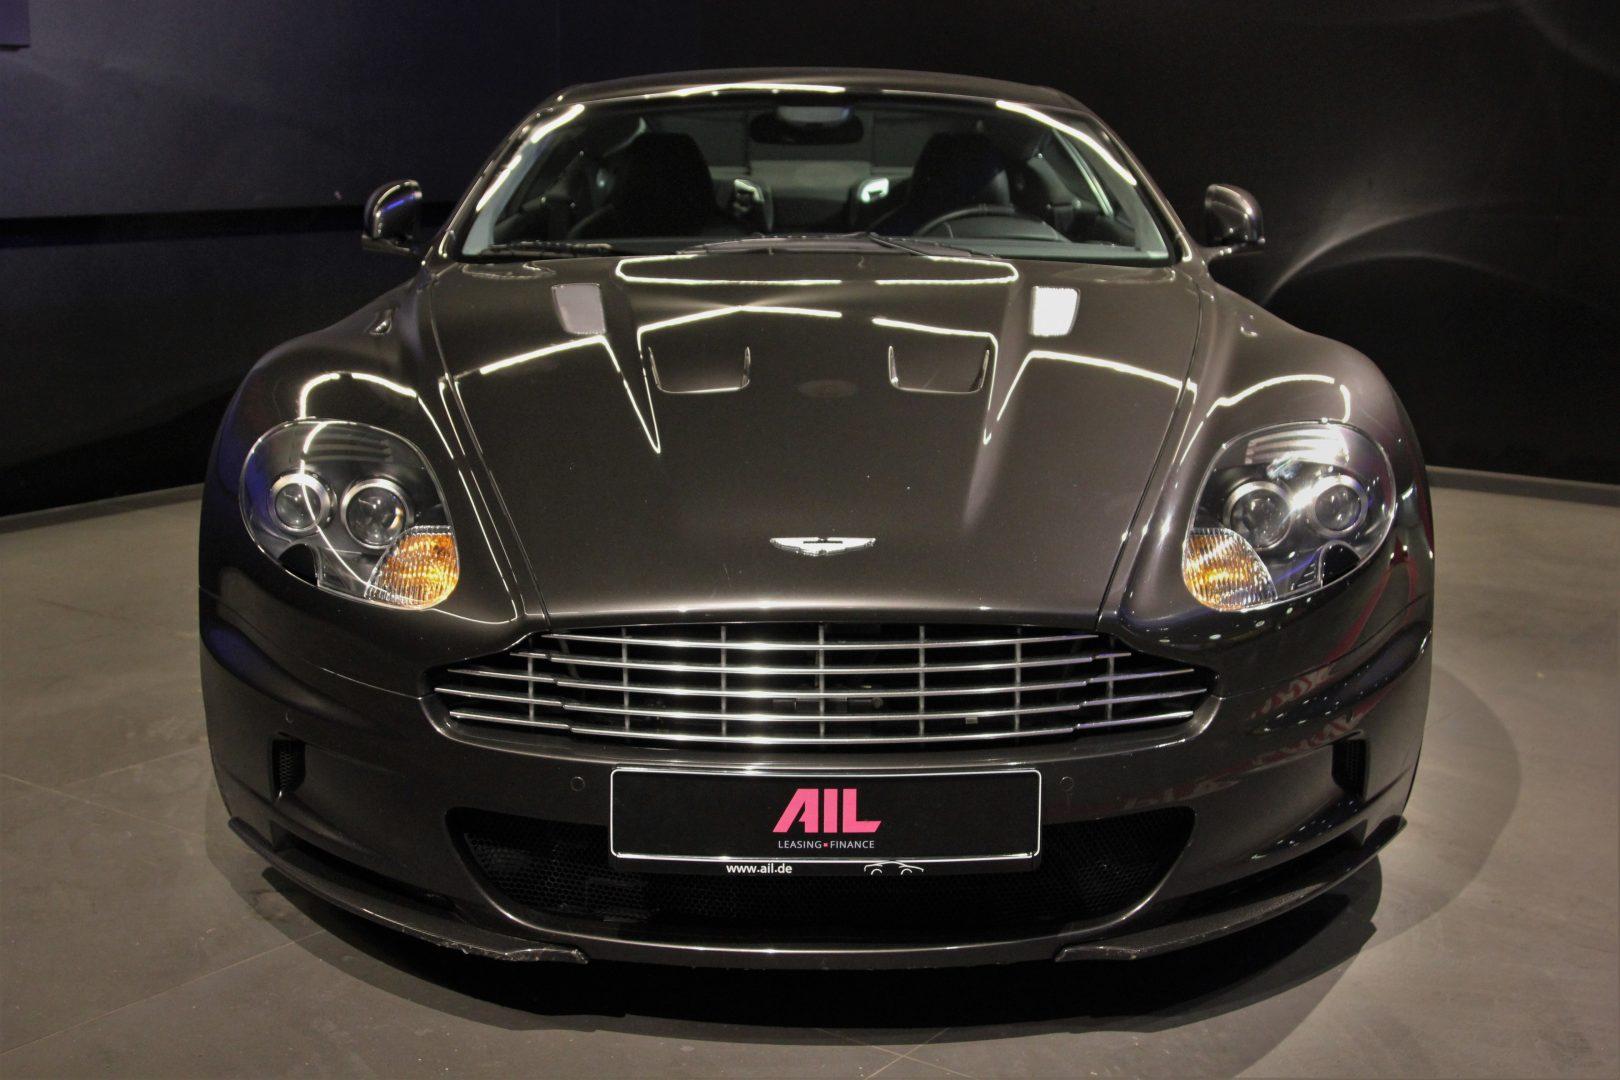 AIL Aston Martin DBS  10